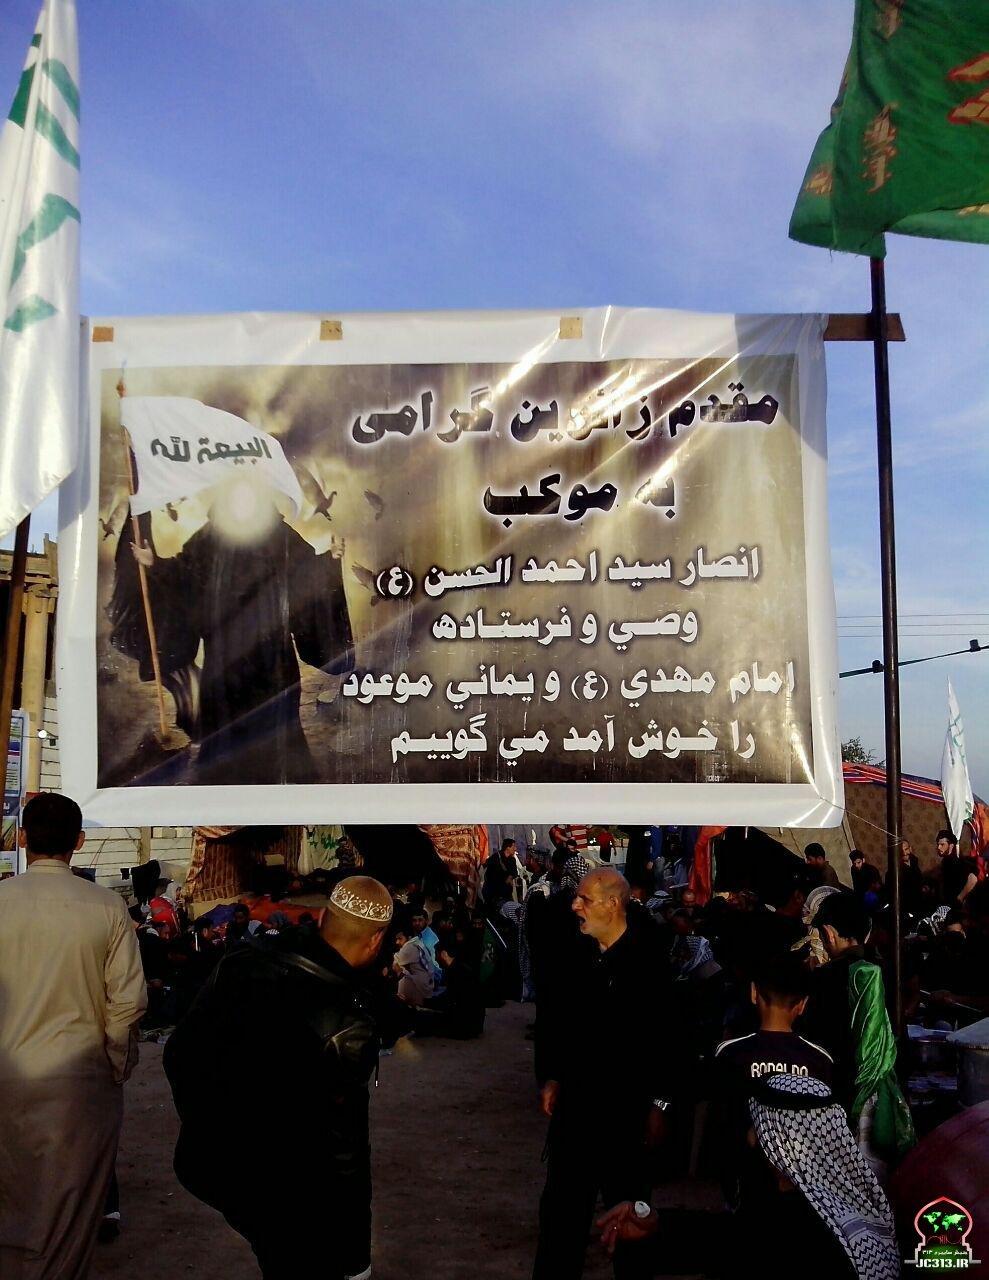 عکس فتنه موکب احمدالحسن وصی و فرستاده امام مهدی در پیاده روی اربعین 1.jpg (989×1280)